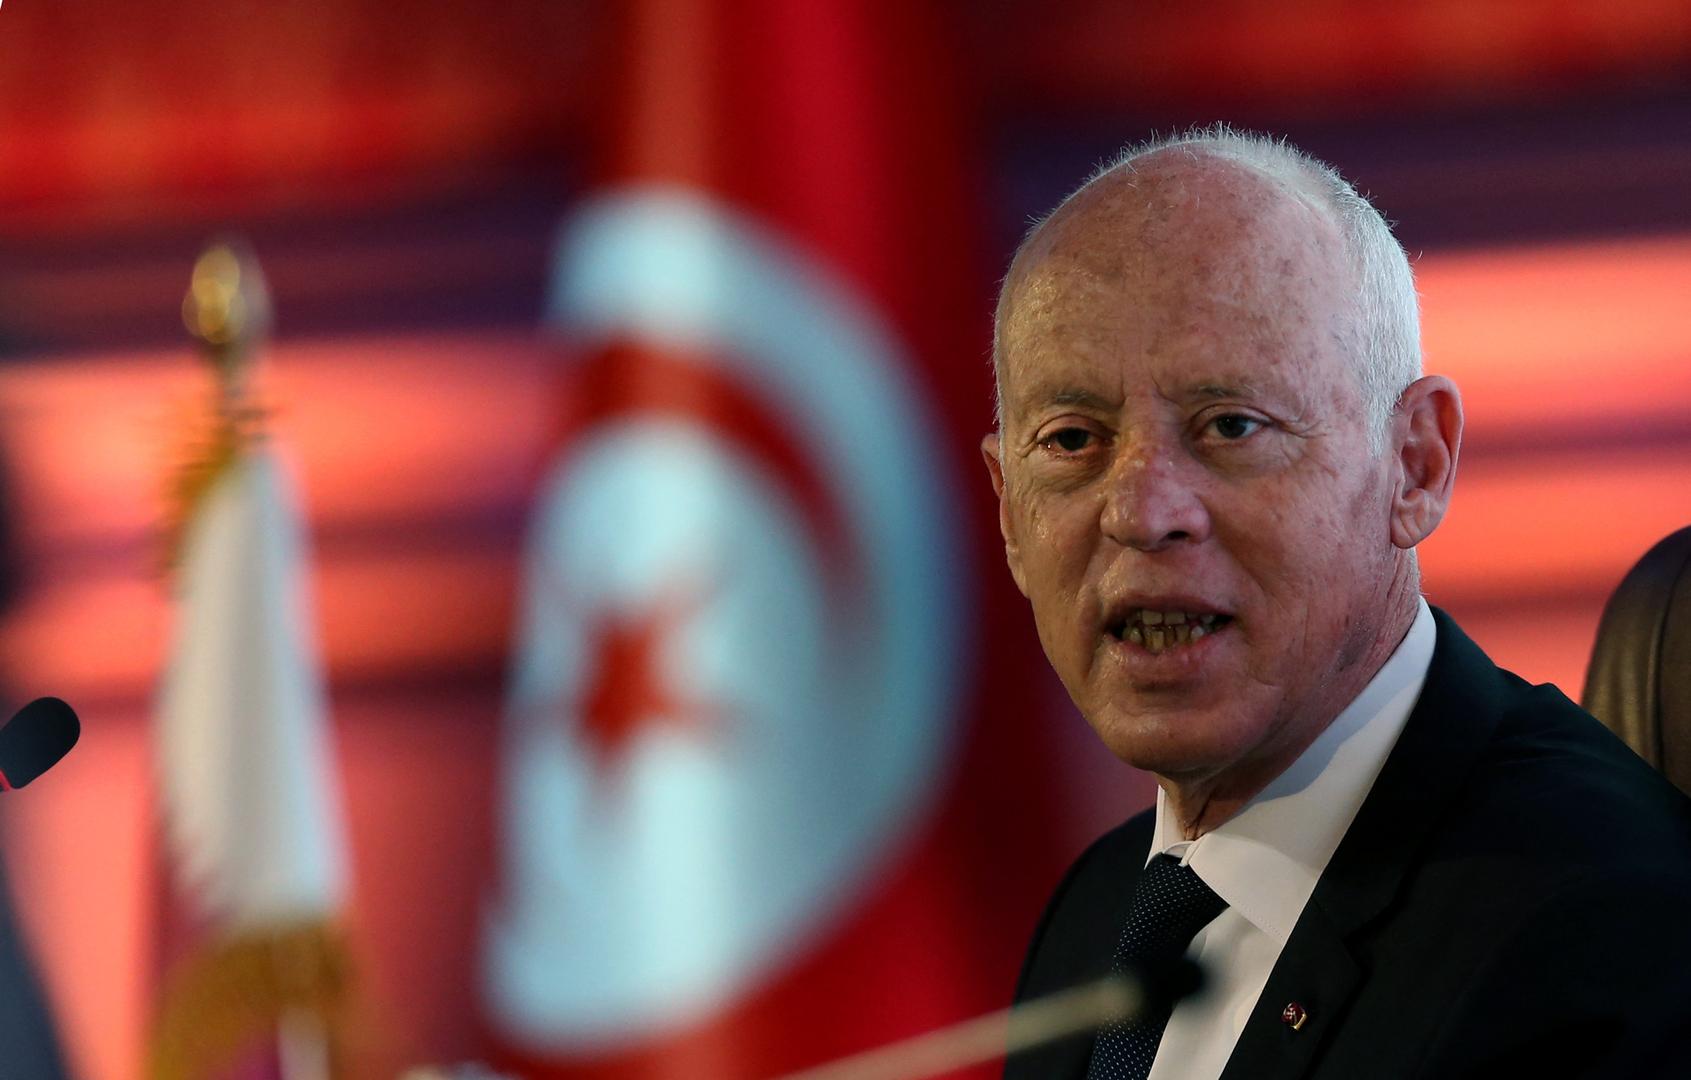 الرئيس التونسي يتعهد بإعادة السيادة للشعب في أقرب وقت